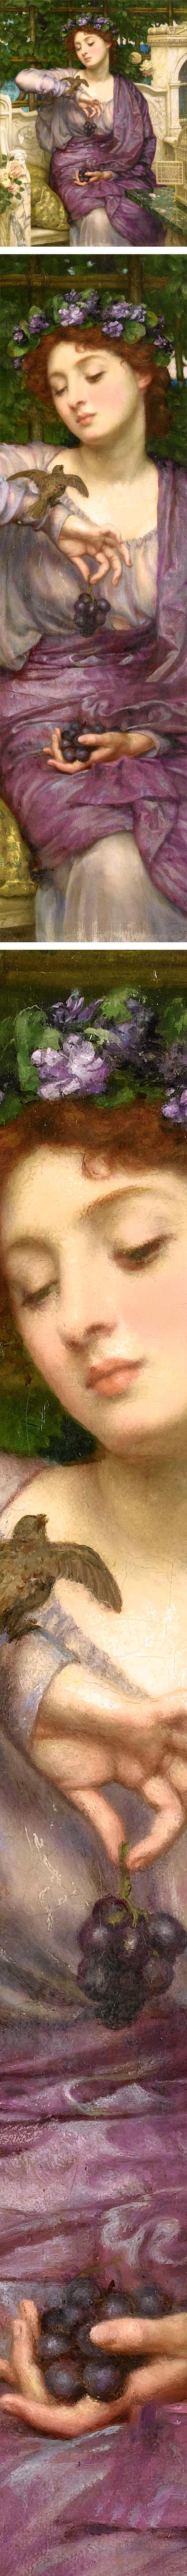 Lesbia and Her Sparrow, Sir Edward John Poynter